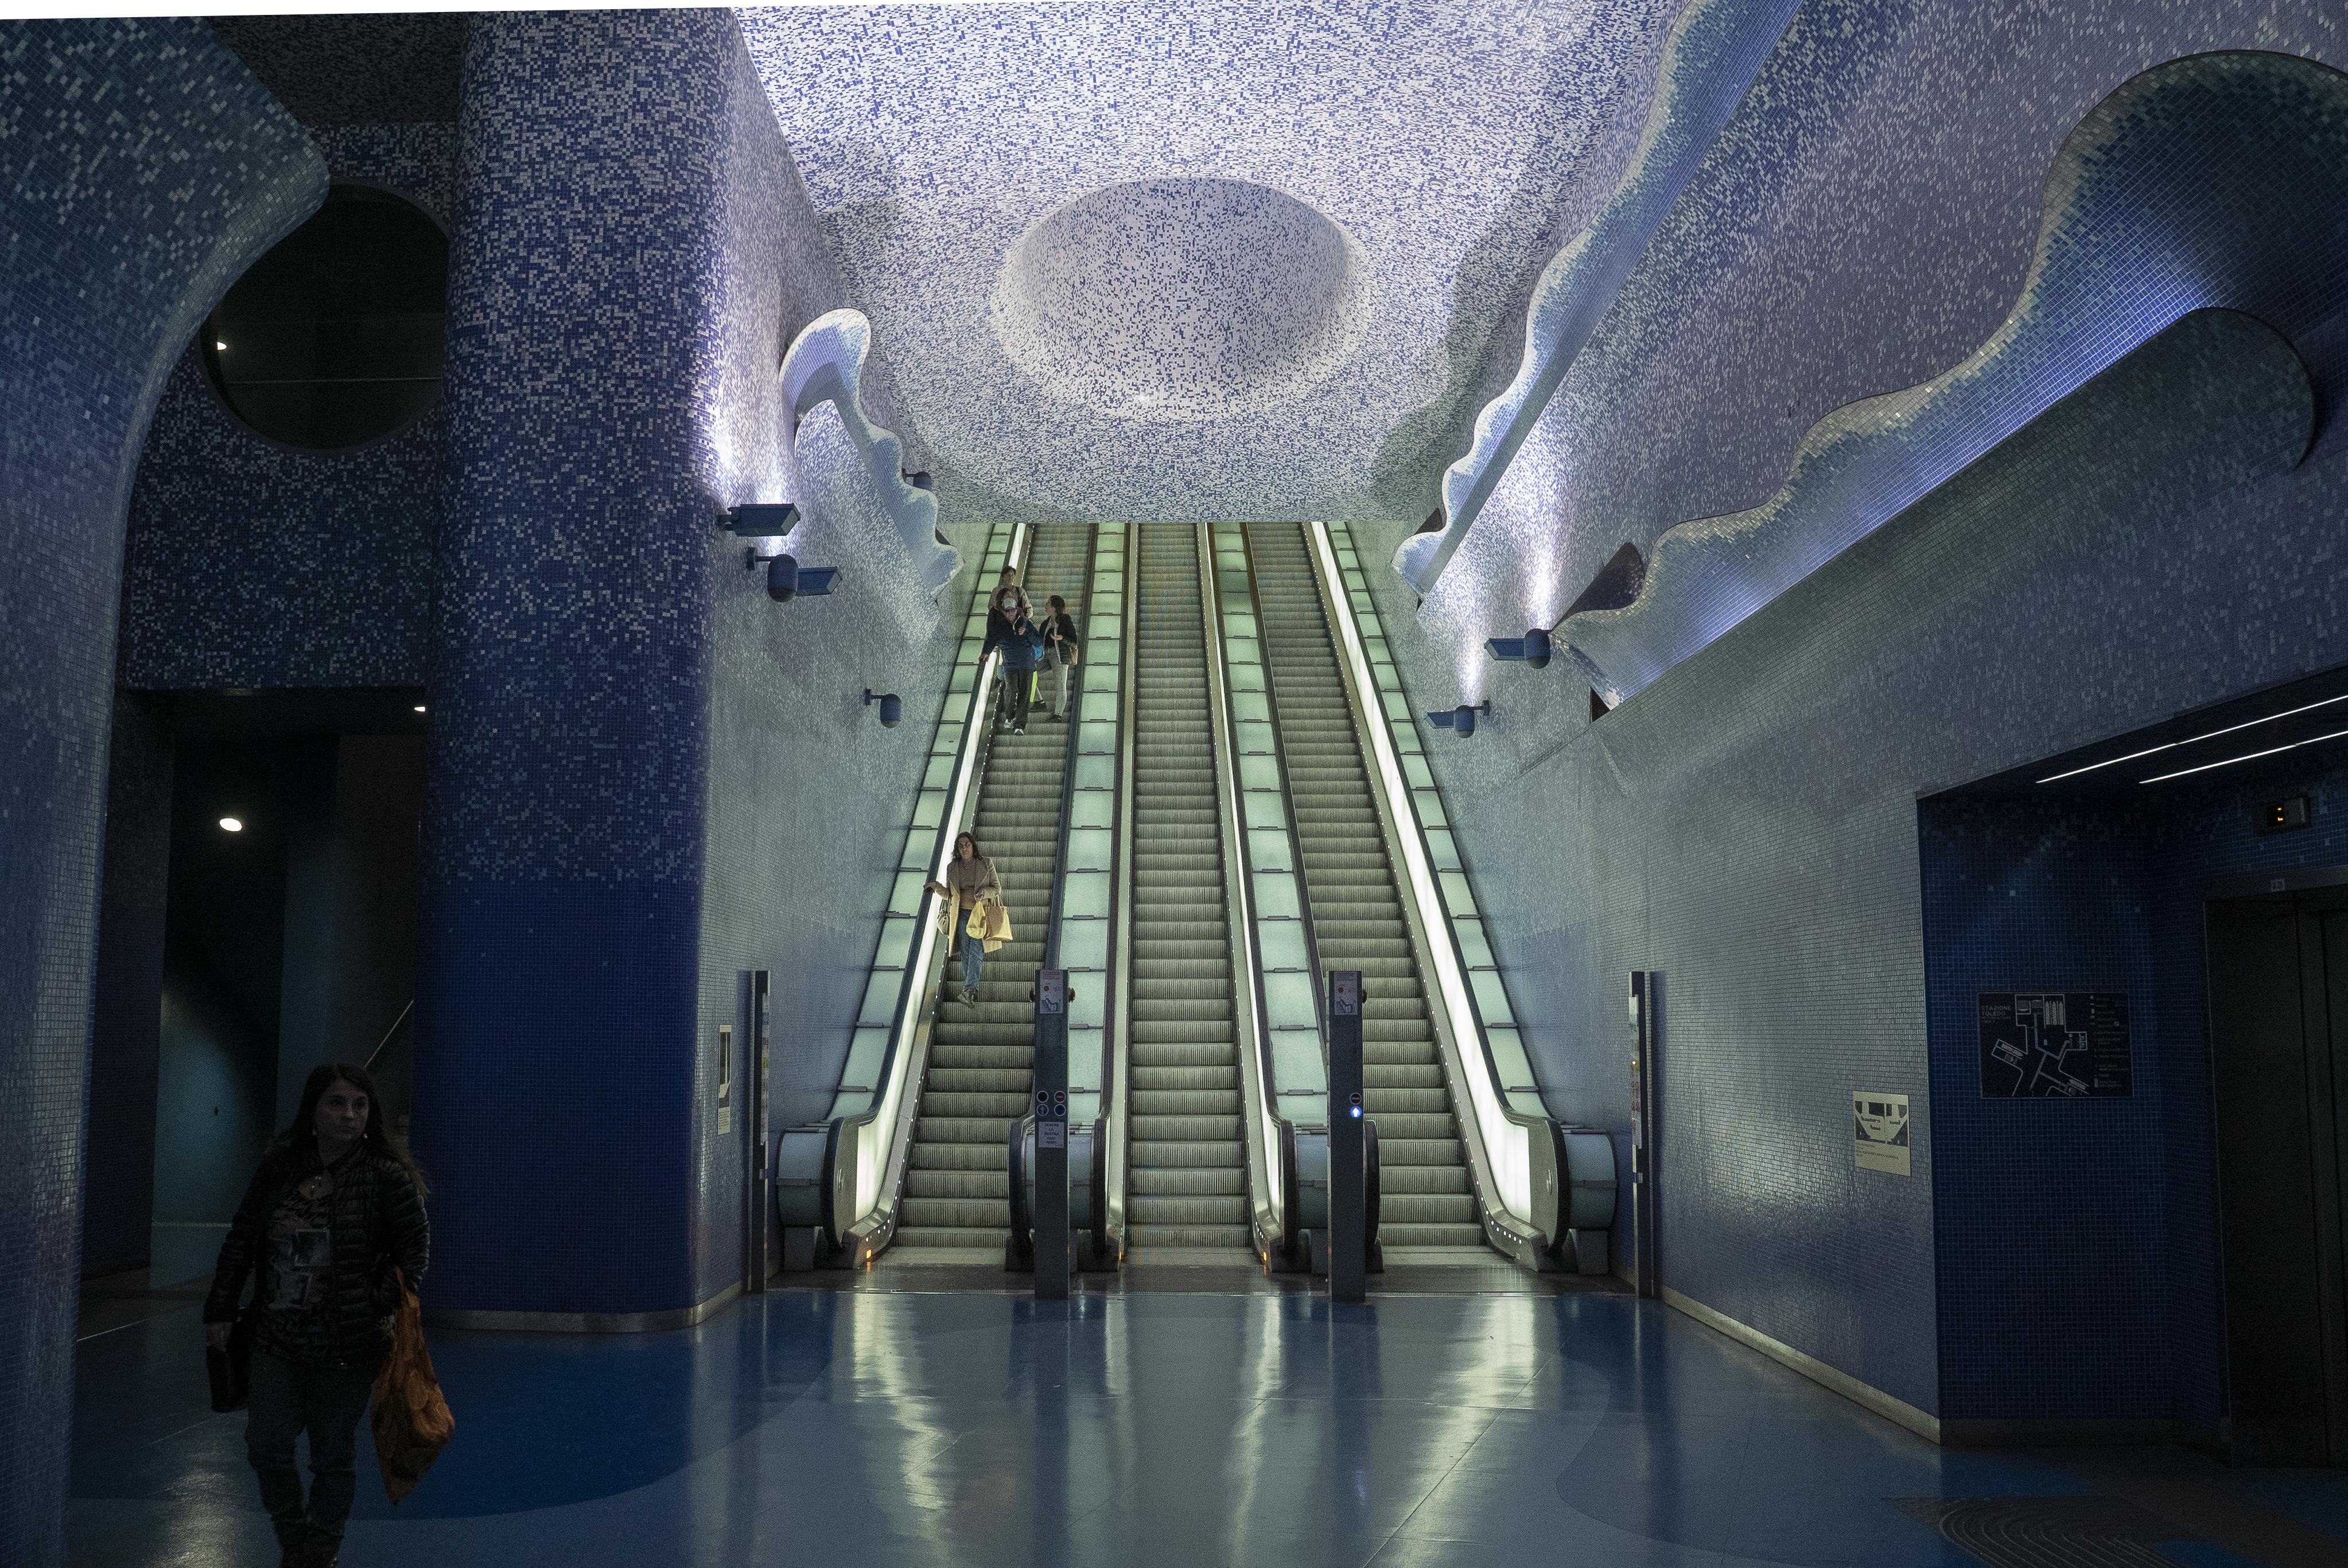 Dettaglio della stazione Toledo a Napoli